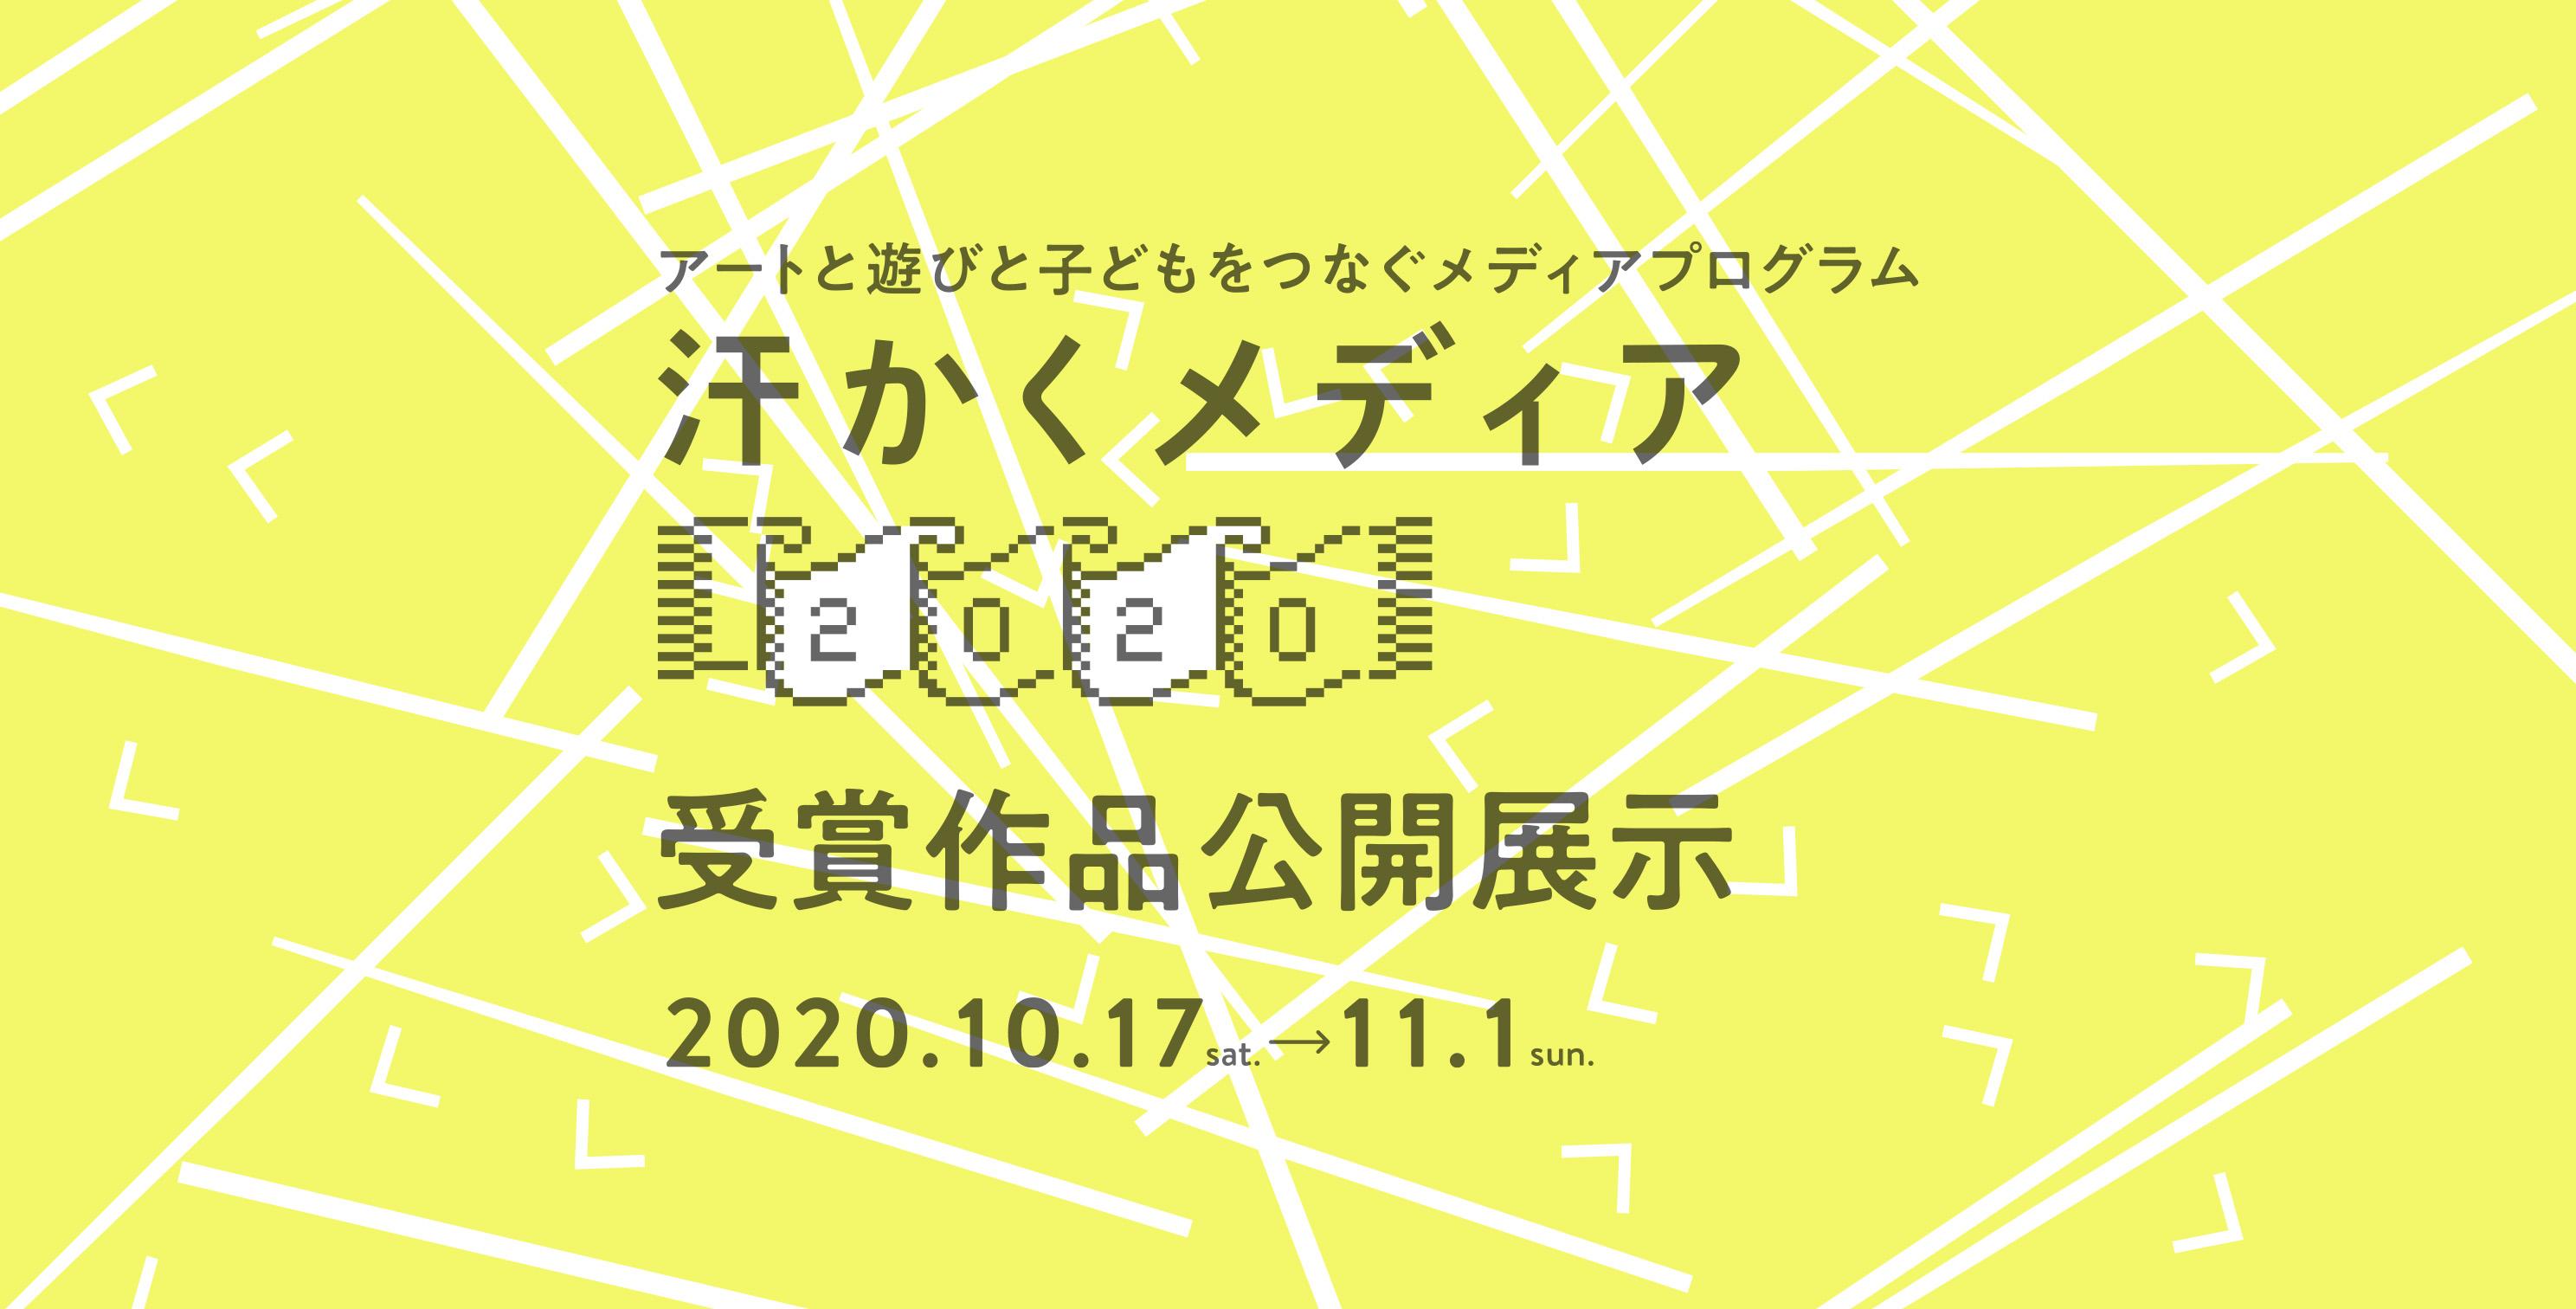 汗かくメディア2020受賞作品公開展示【記録】